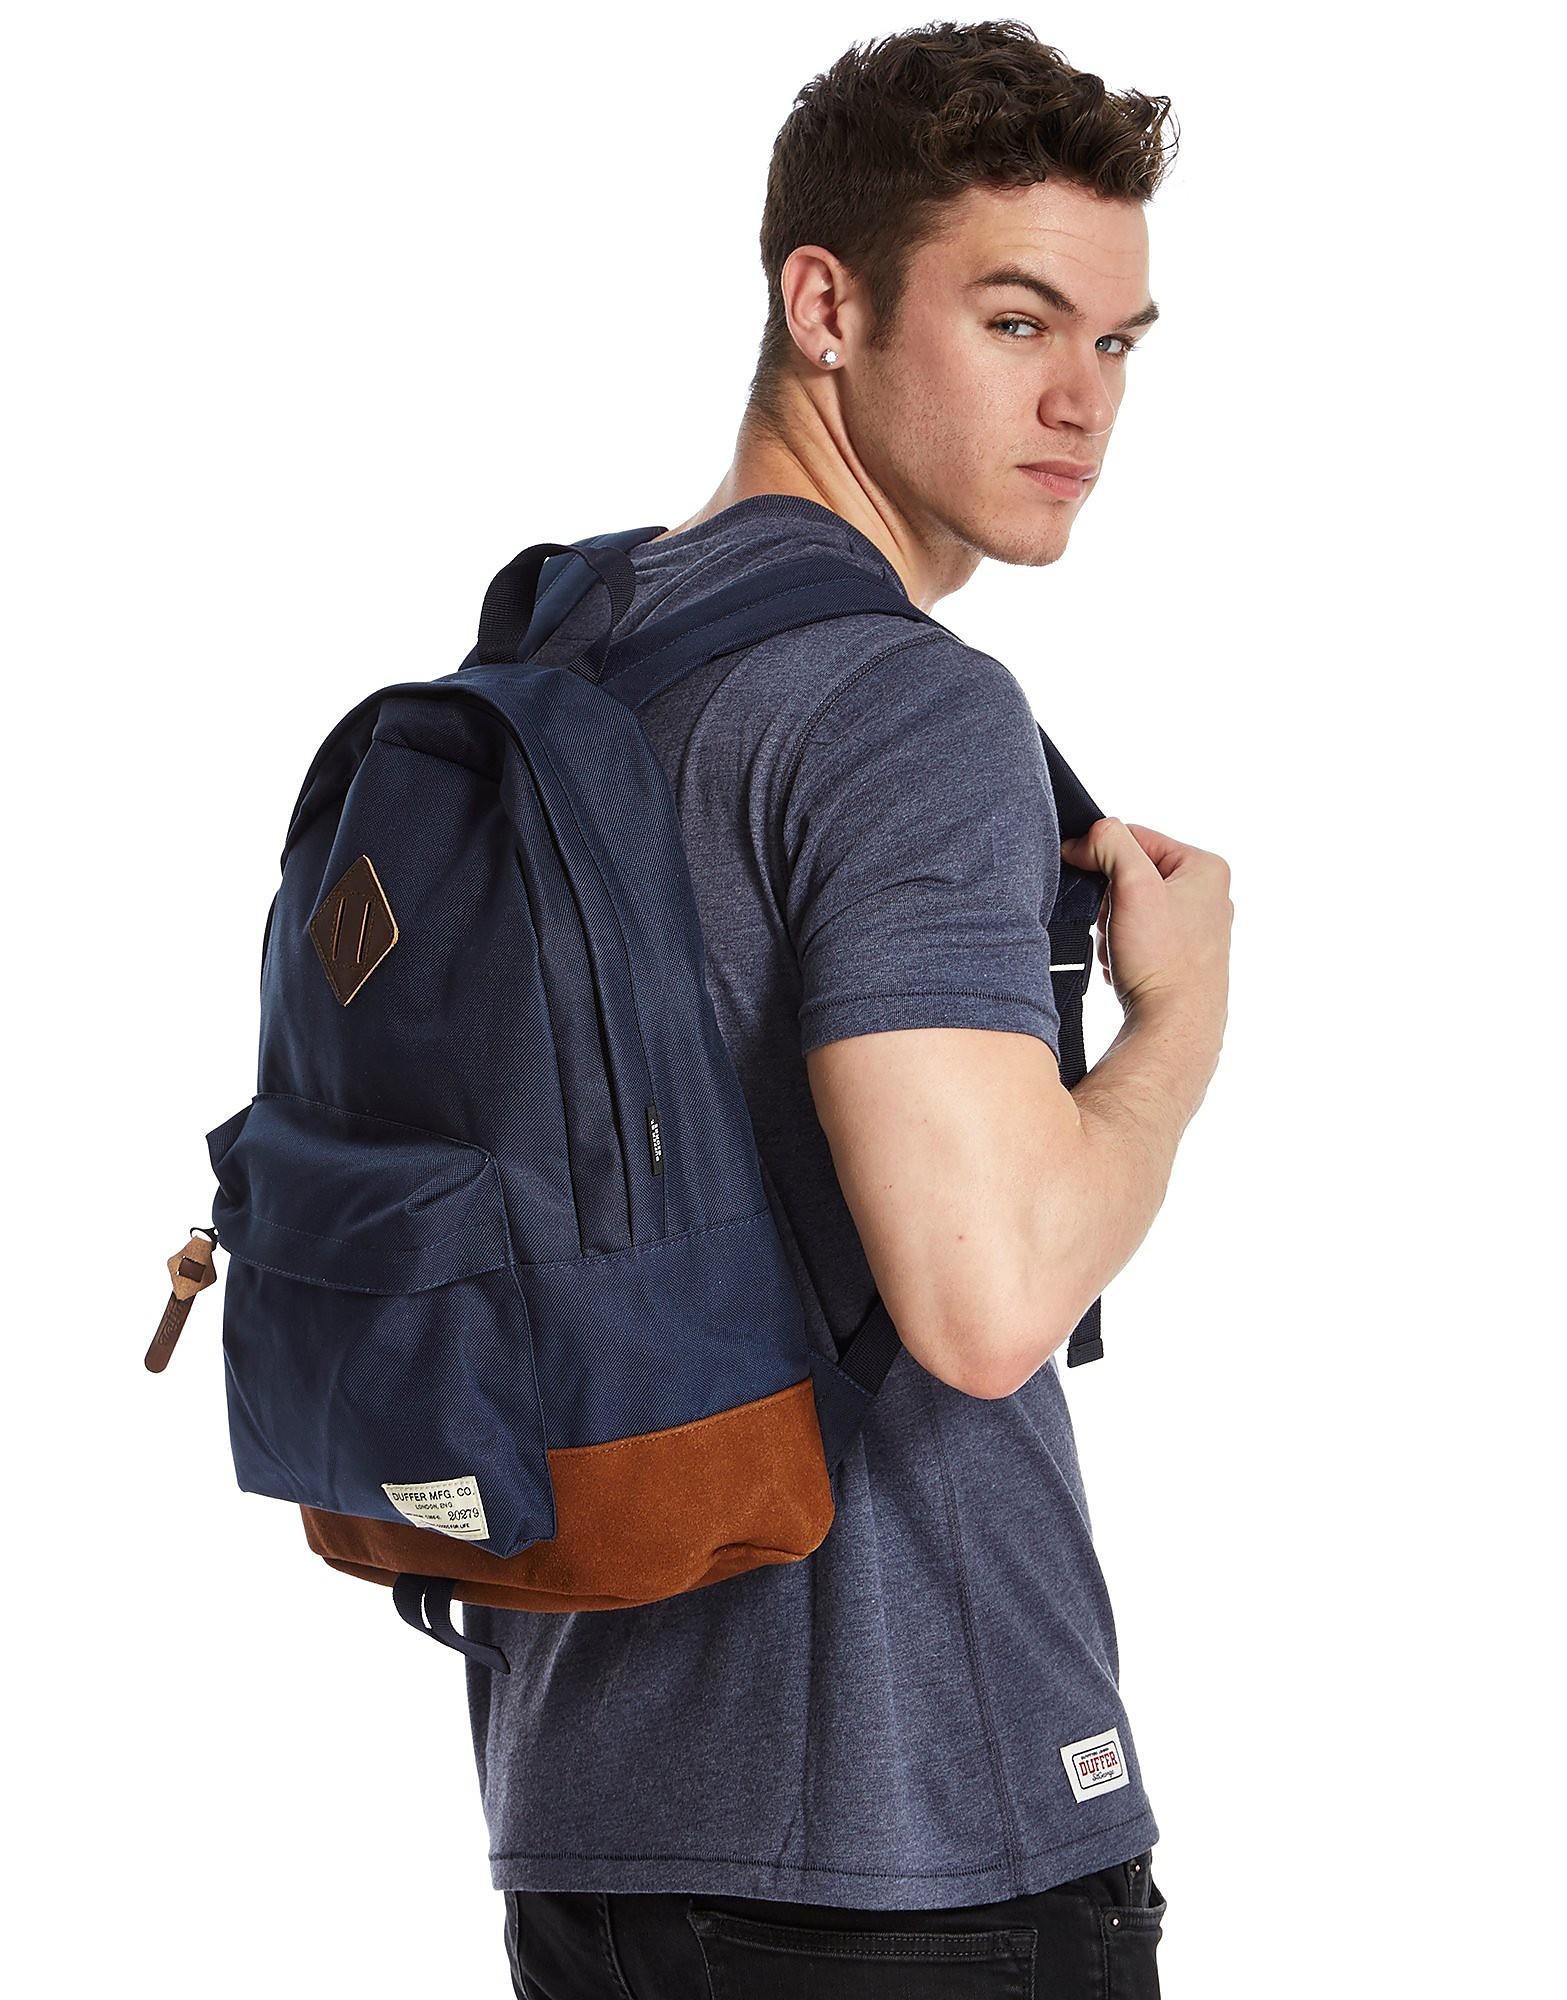 Duffer of St George Oakwood Backpack